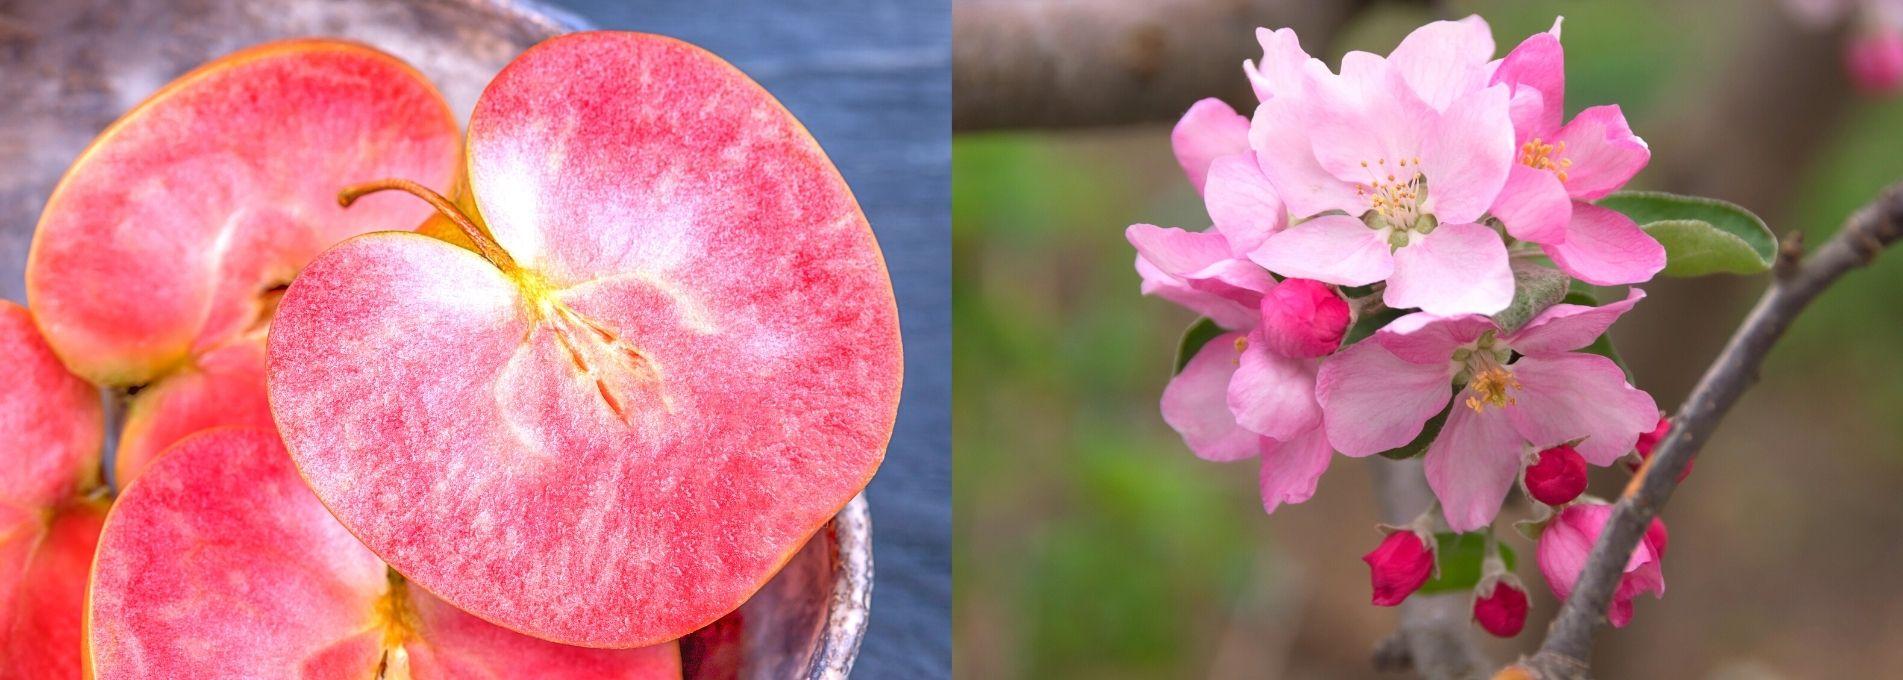 Pommes à chair rouge : Côteaux Nantais étend sa gamme d'épicerie